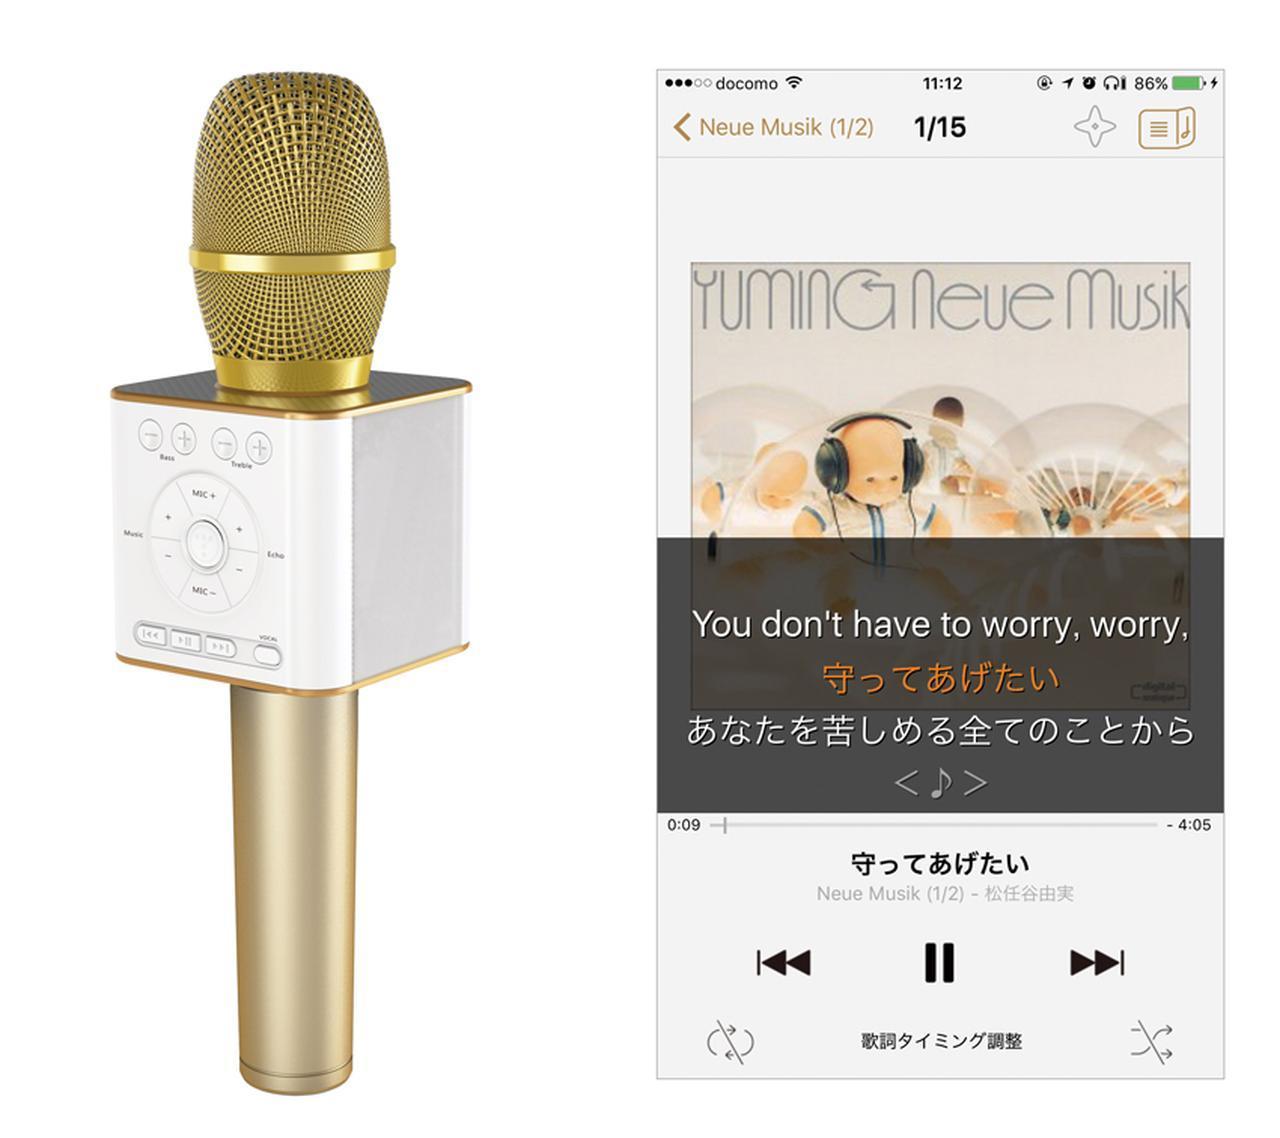 画像: 手持ちの楽曲も「CDレコ」アプリを使えば、歌詞データの表示が可能だ。ライブ前の練習などに最適だろう。